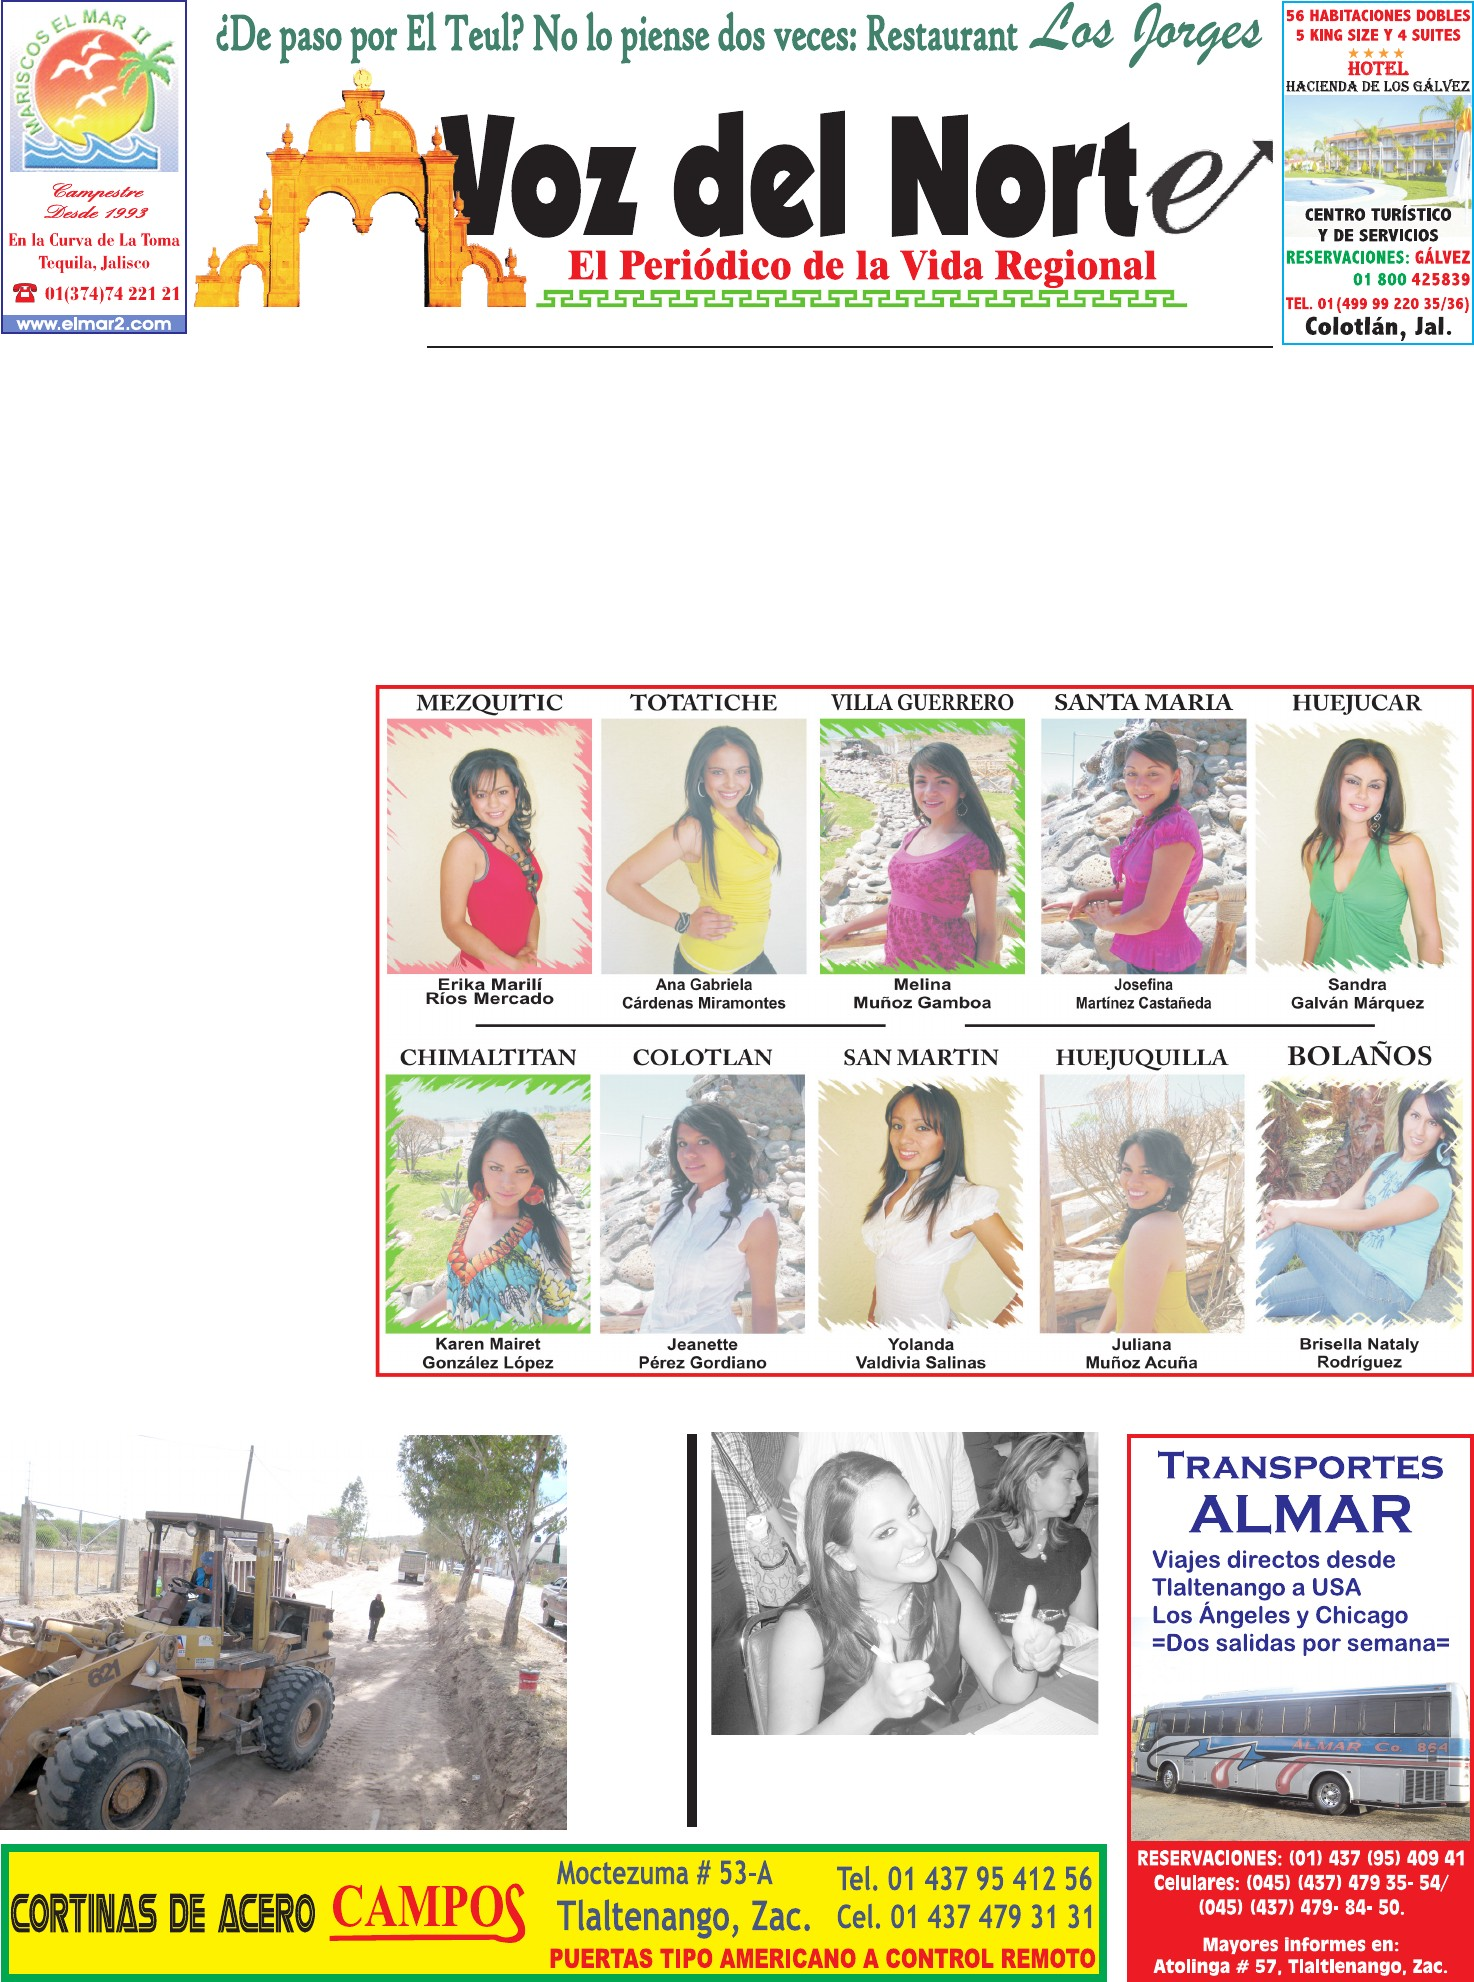 Calendario Anual Utn Más Actual Voz Del norte 180 [pdf Document] Of Calendario Anual Utn Más Arriba-a-fecha Voz Del norte 180 [pdf Document]